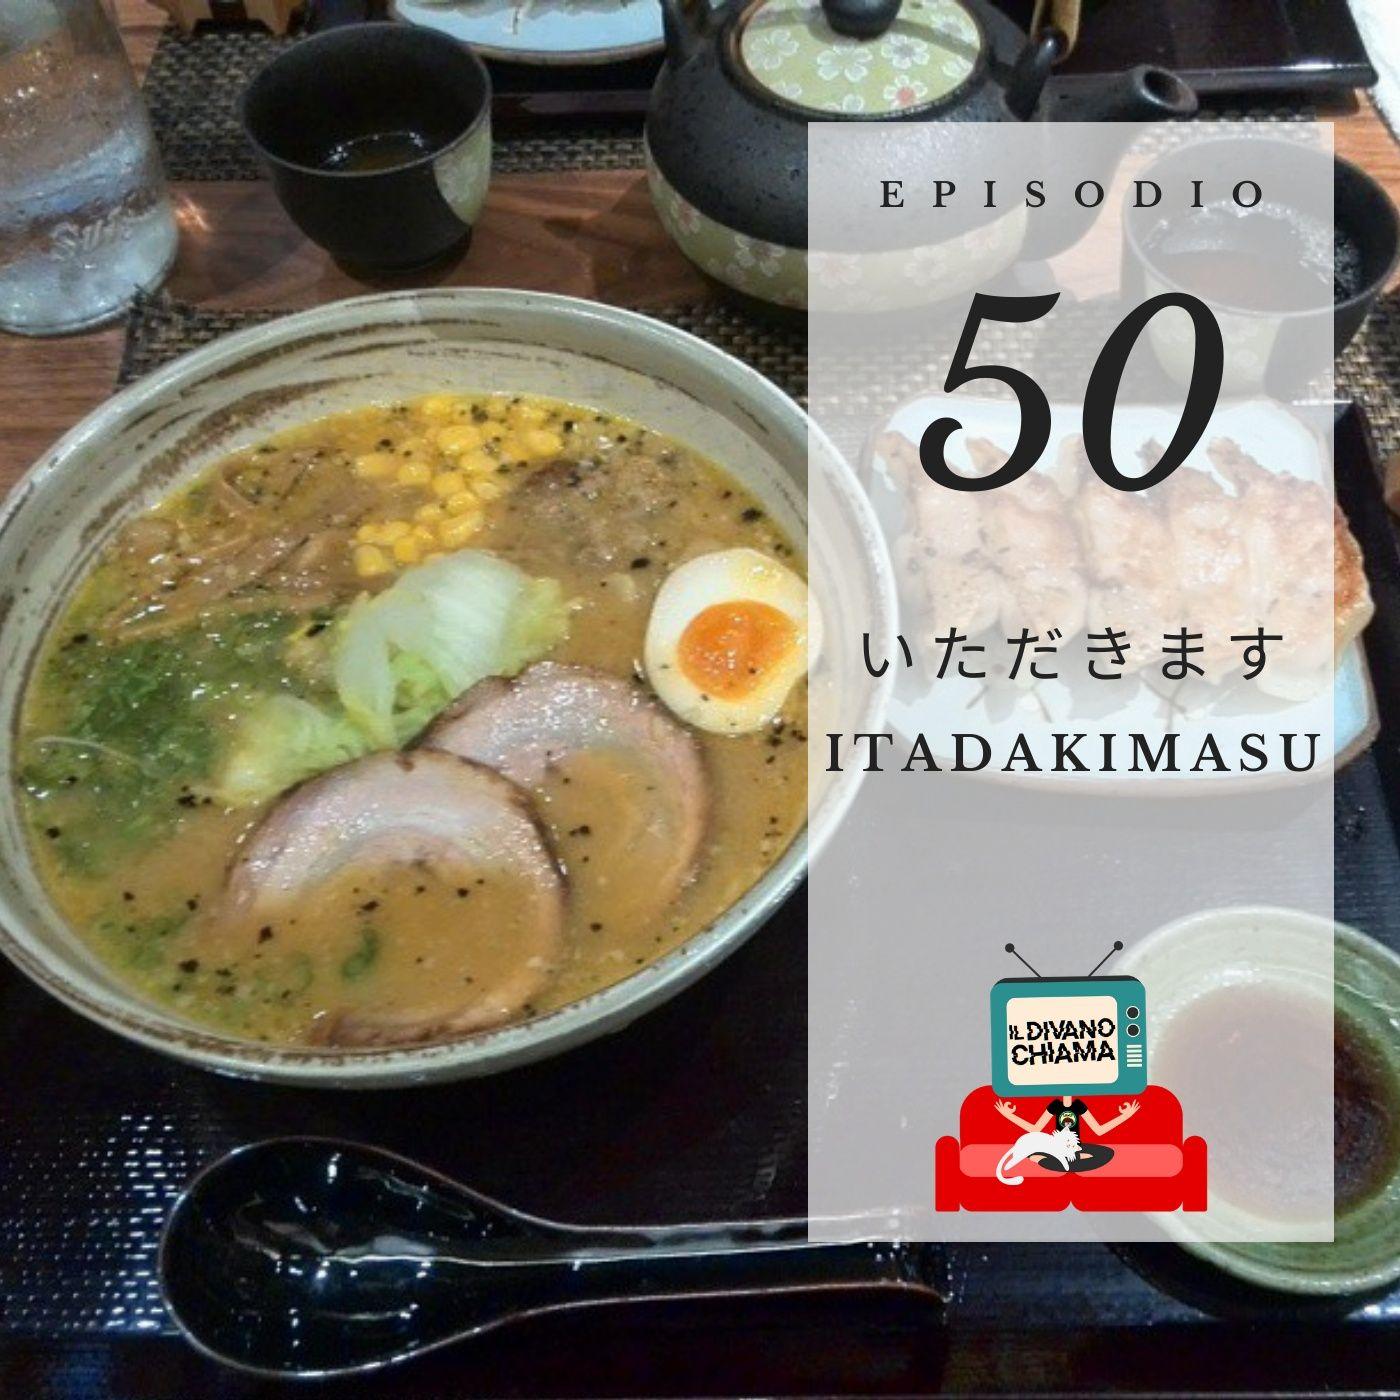 Puntata 50 - Itadakimasu